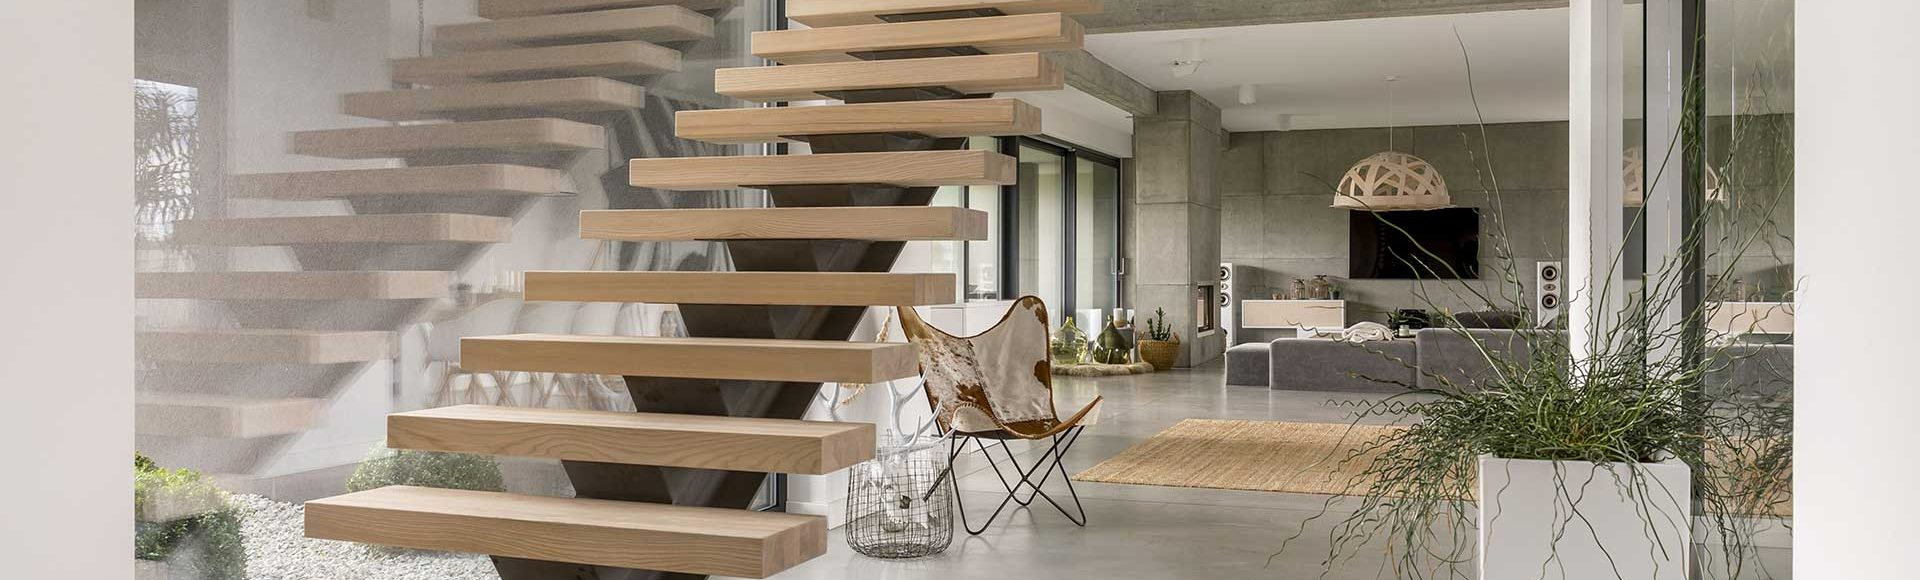 Treppen_Slider